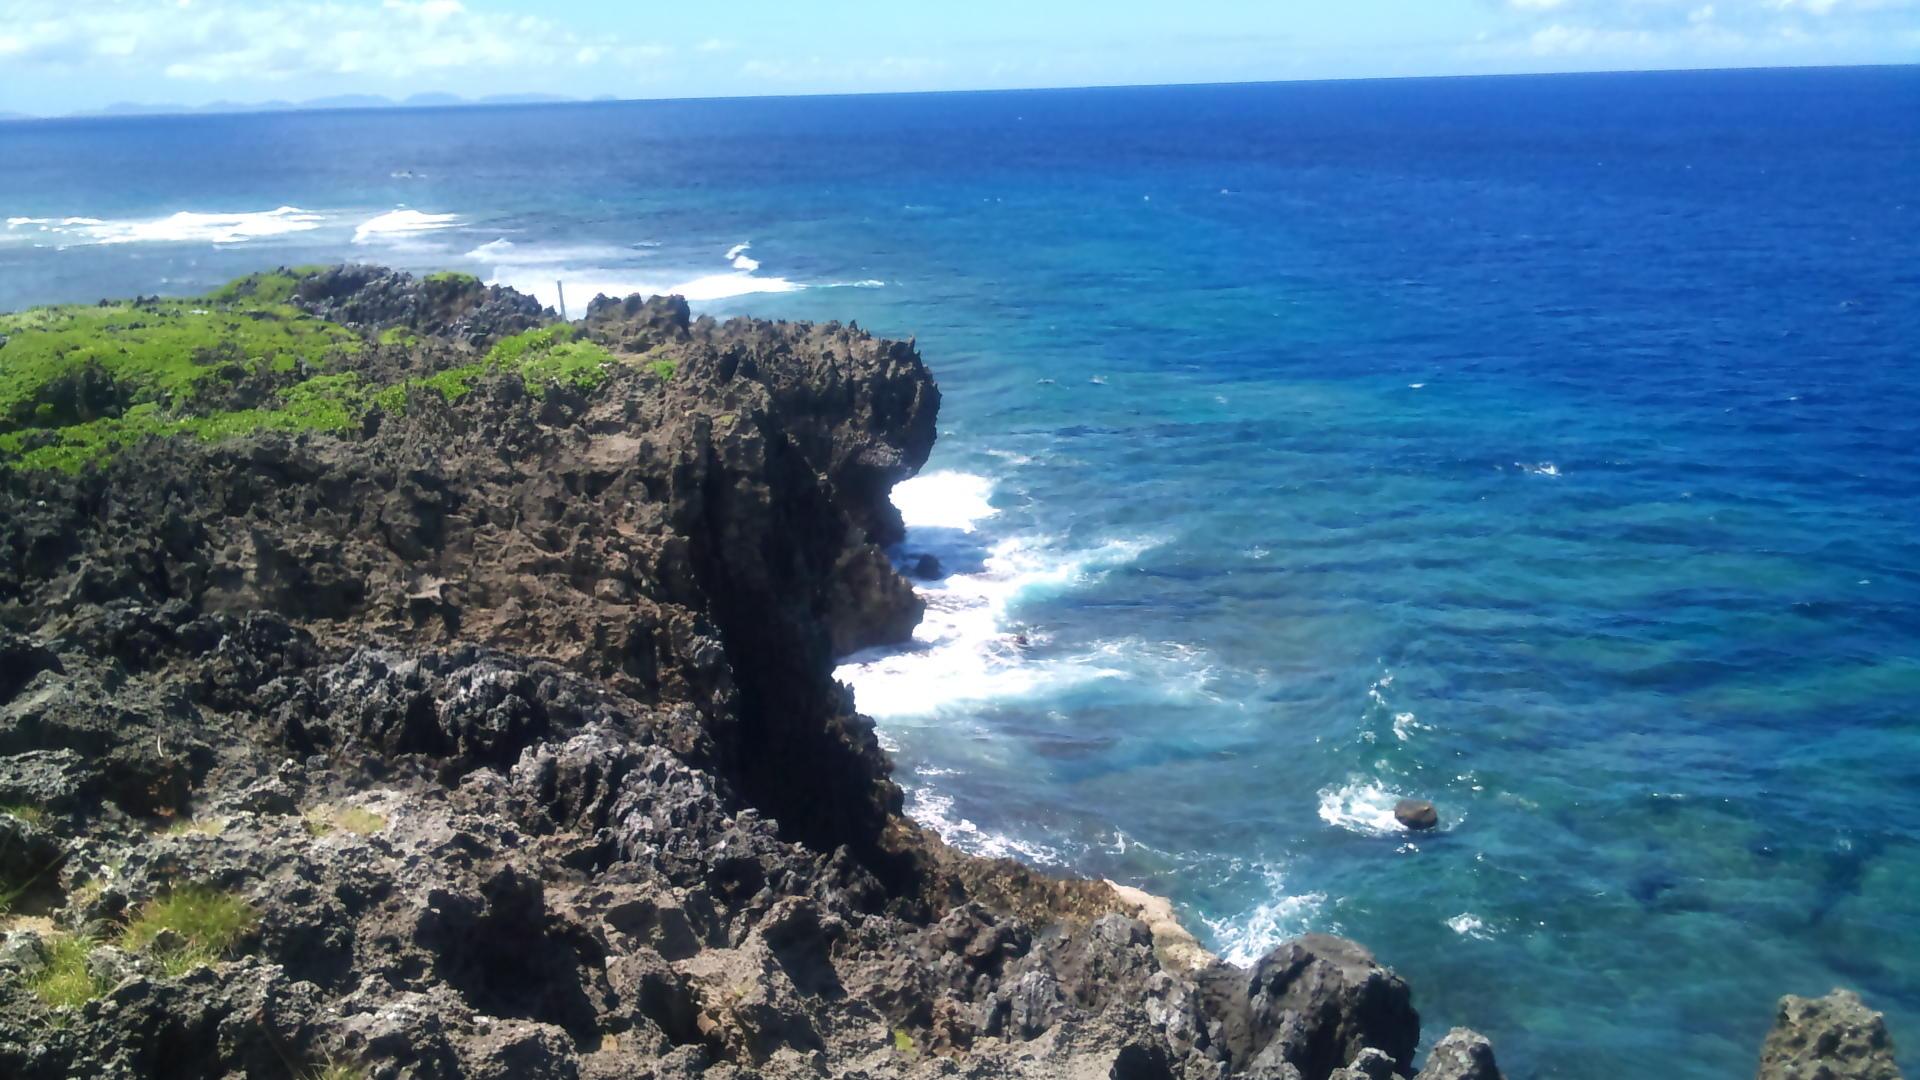 辺戸岬を観光!沖縄本島最北端の見どころは?駐車場は広い?